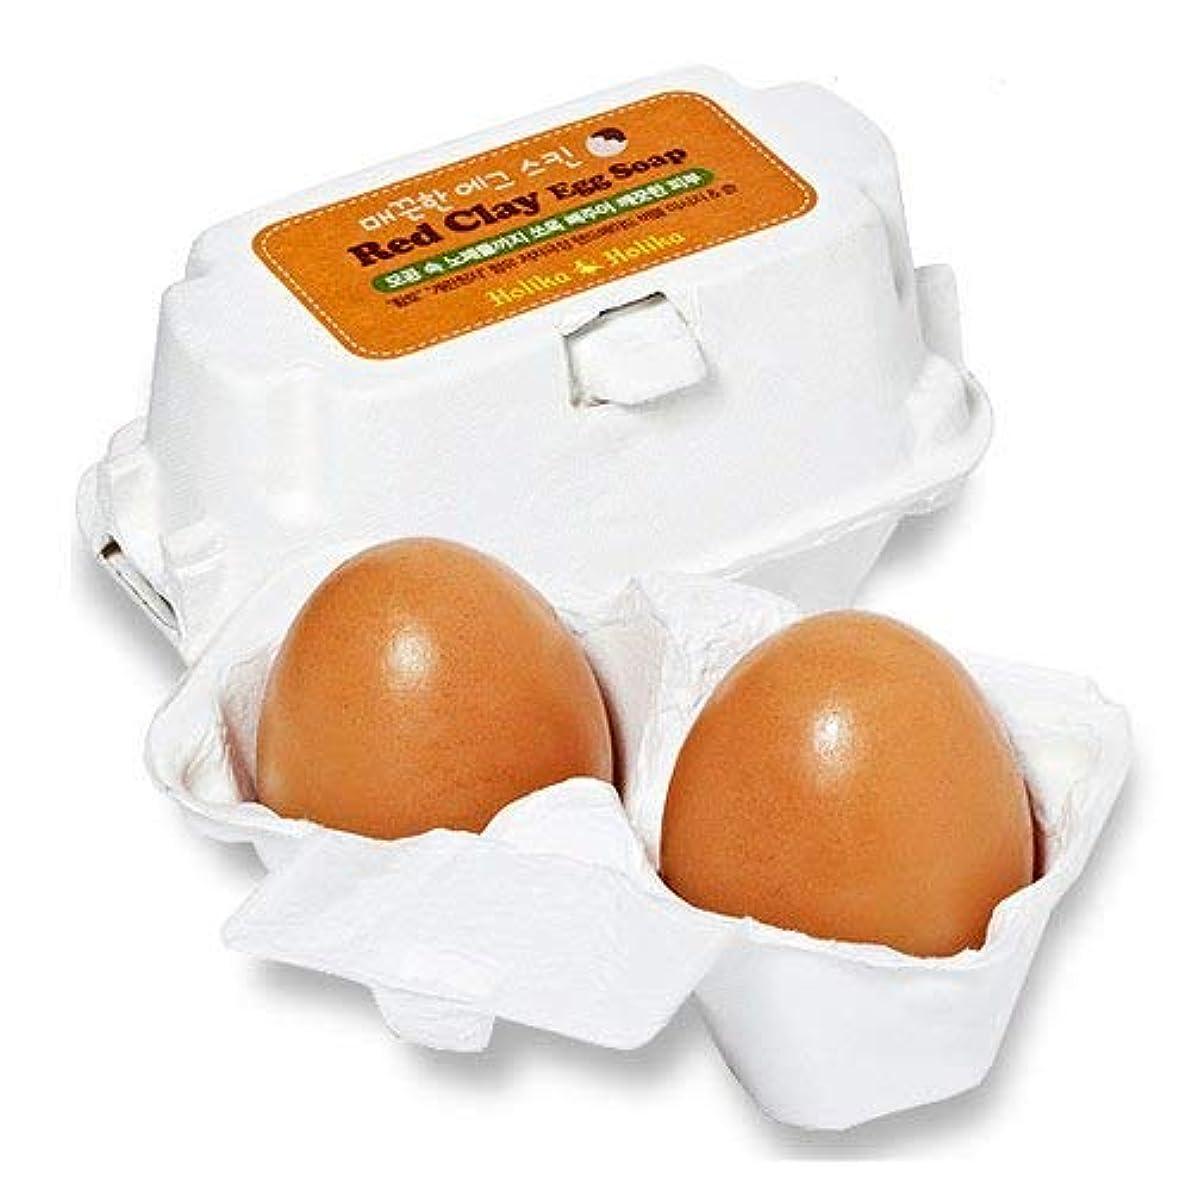 ことわざ耐えられないマーガレットミッチェル[黄土/Red Clay] Holika Holika Egg Skin Egg Soap ホリカホリカ エッグスキン エッグソープ (50g*2個) [並行輸入品]